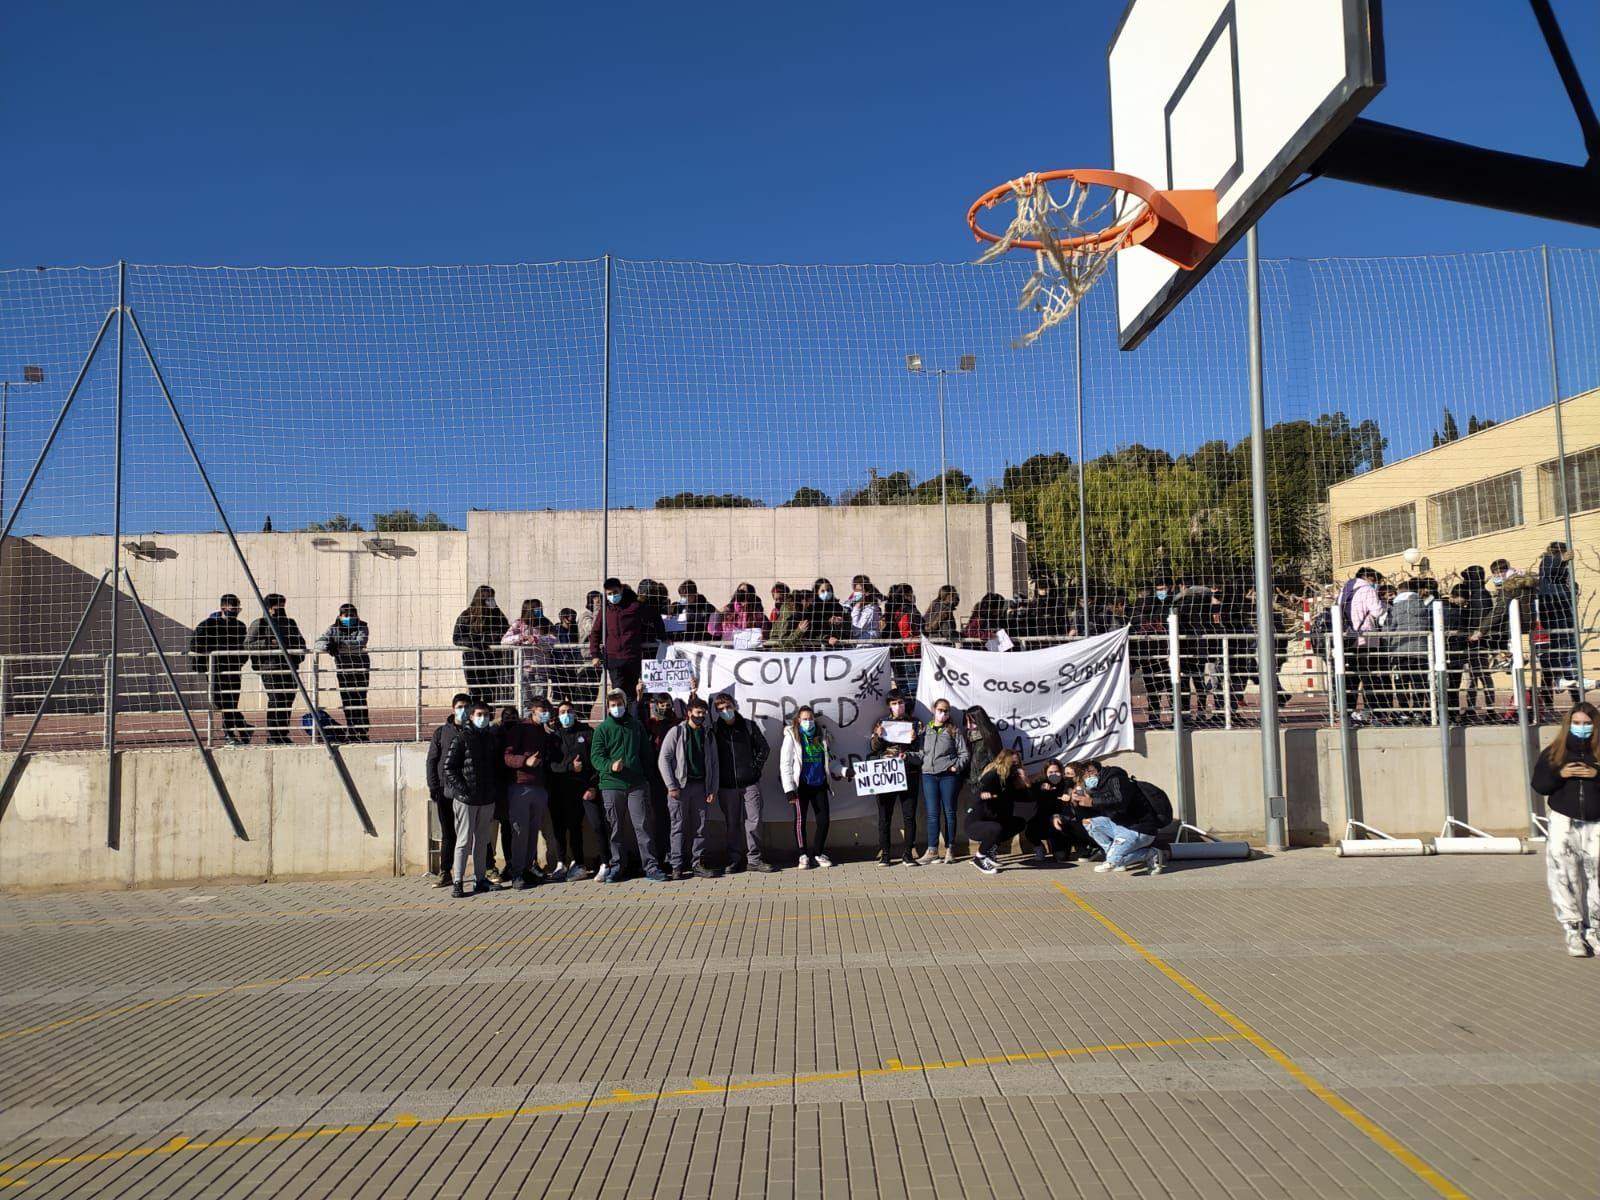 Los alumnos de la provincia de Alicante convocan paros y concentraciones en los patios contra el frío y el covid